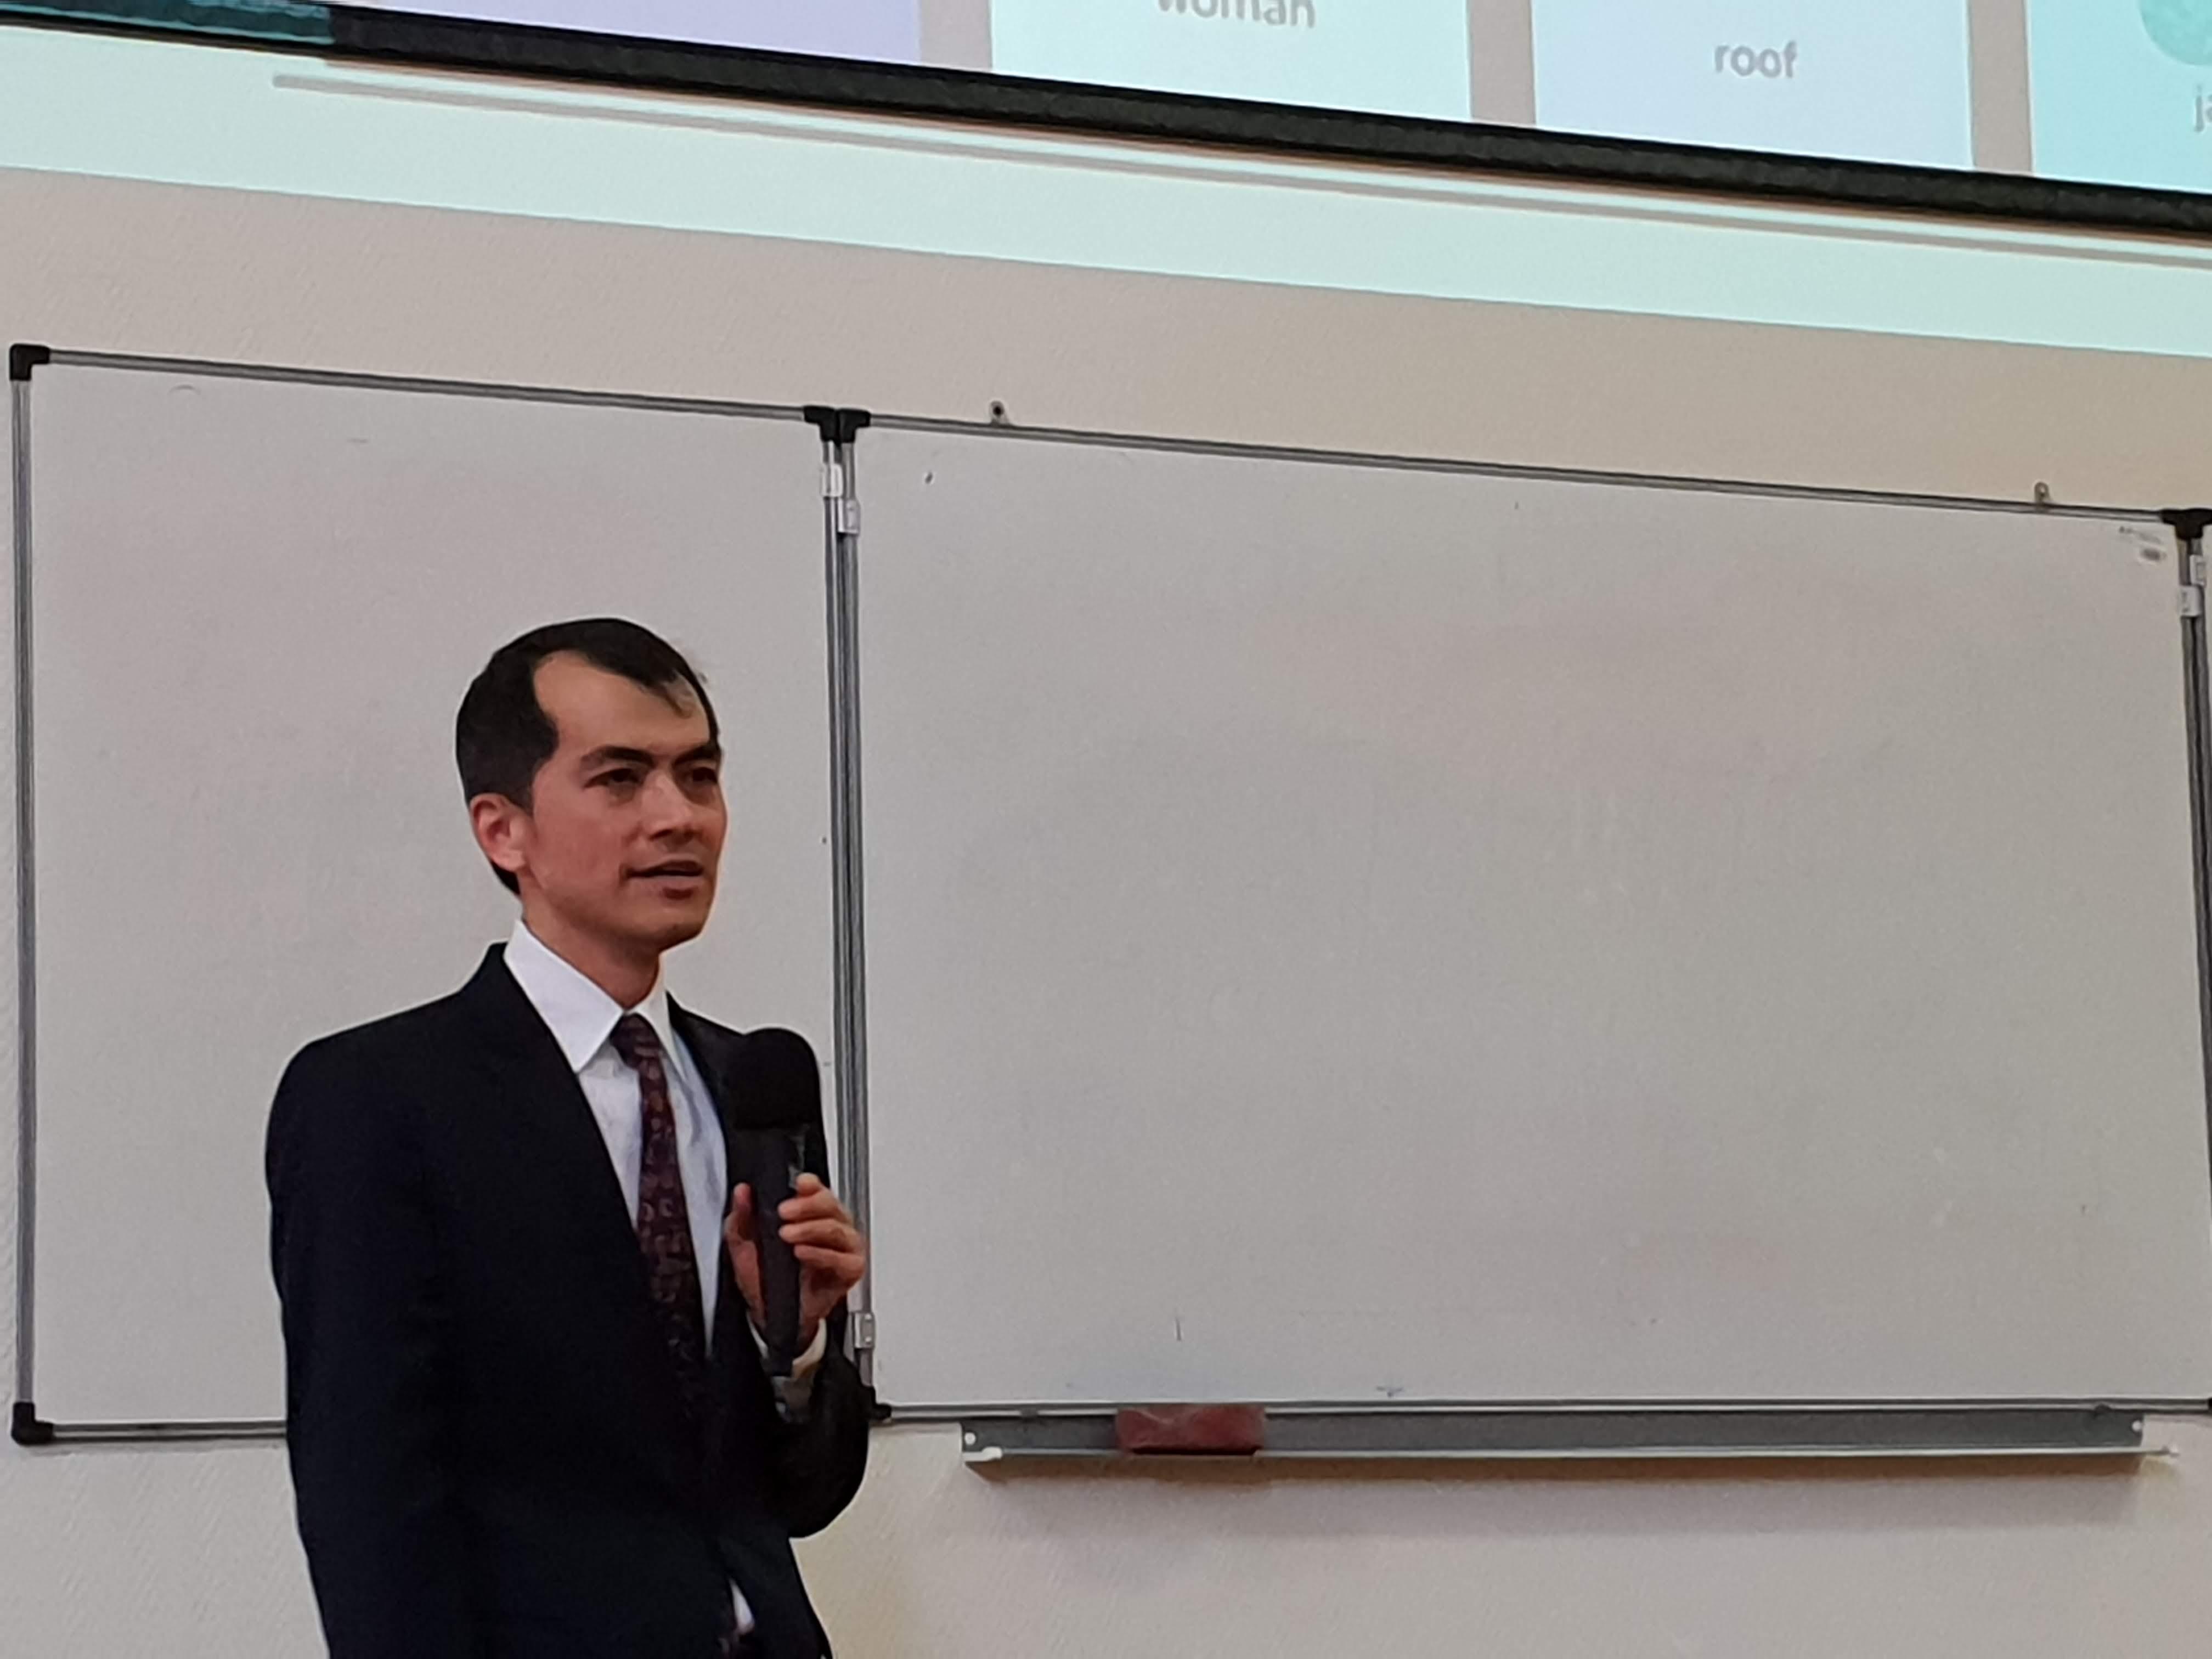 MIT Professor speaking at MCU